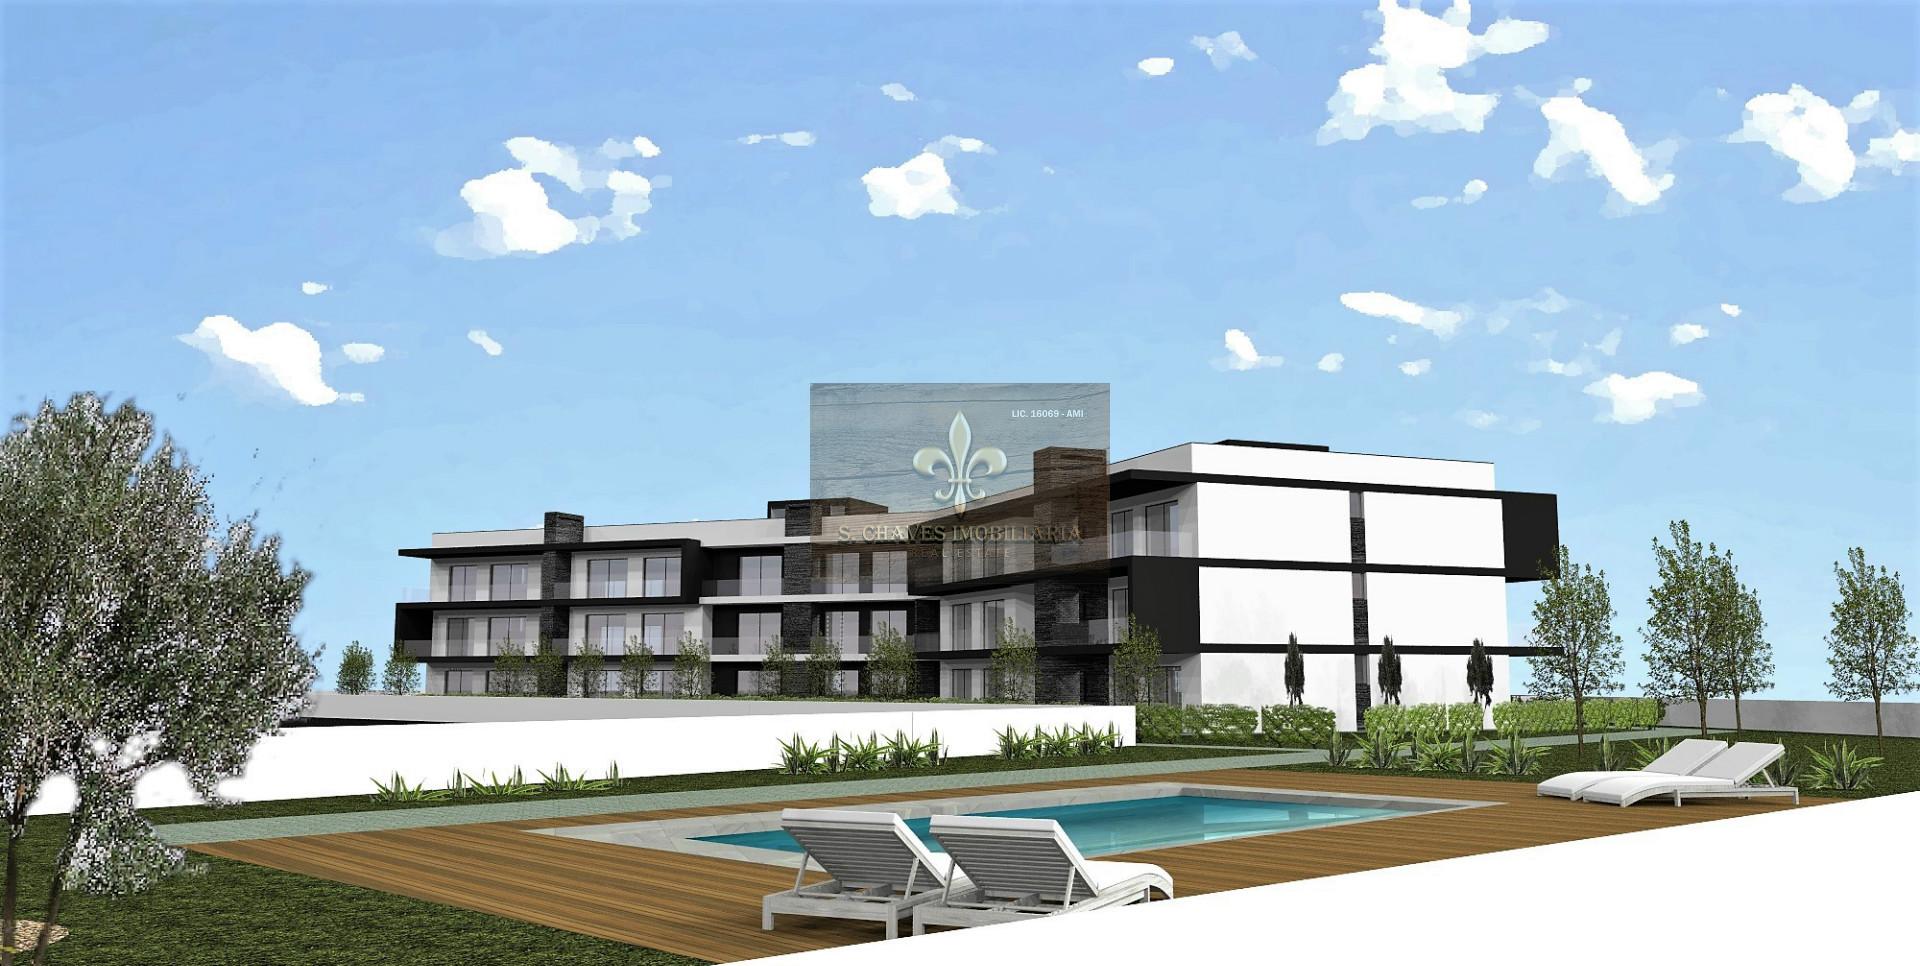 1+1-Schlafzimmer-Wohnung im Bau mit Schwimmbad in Ferreiras